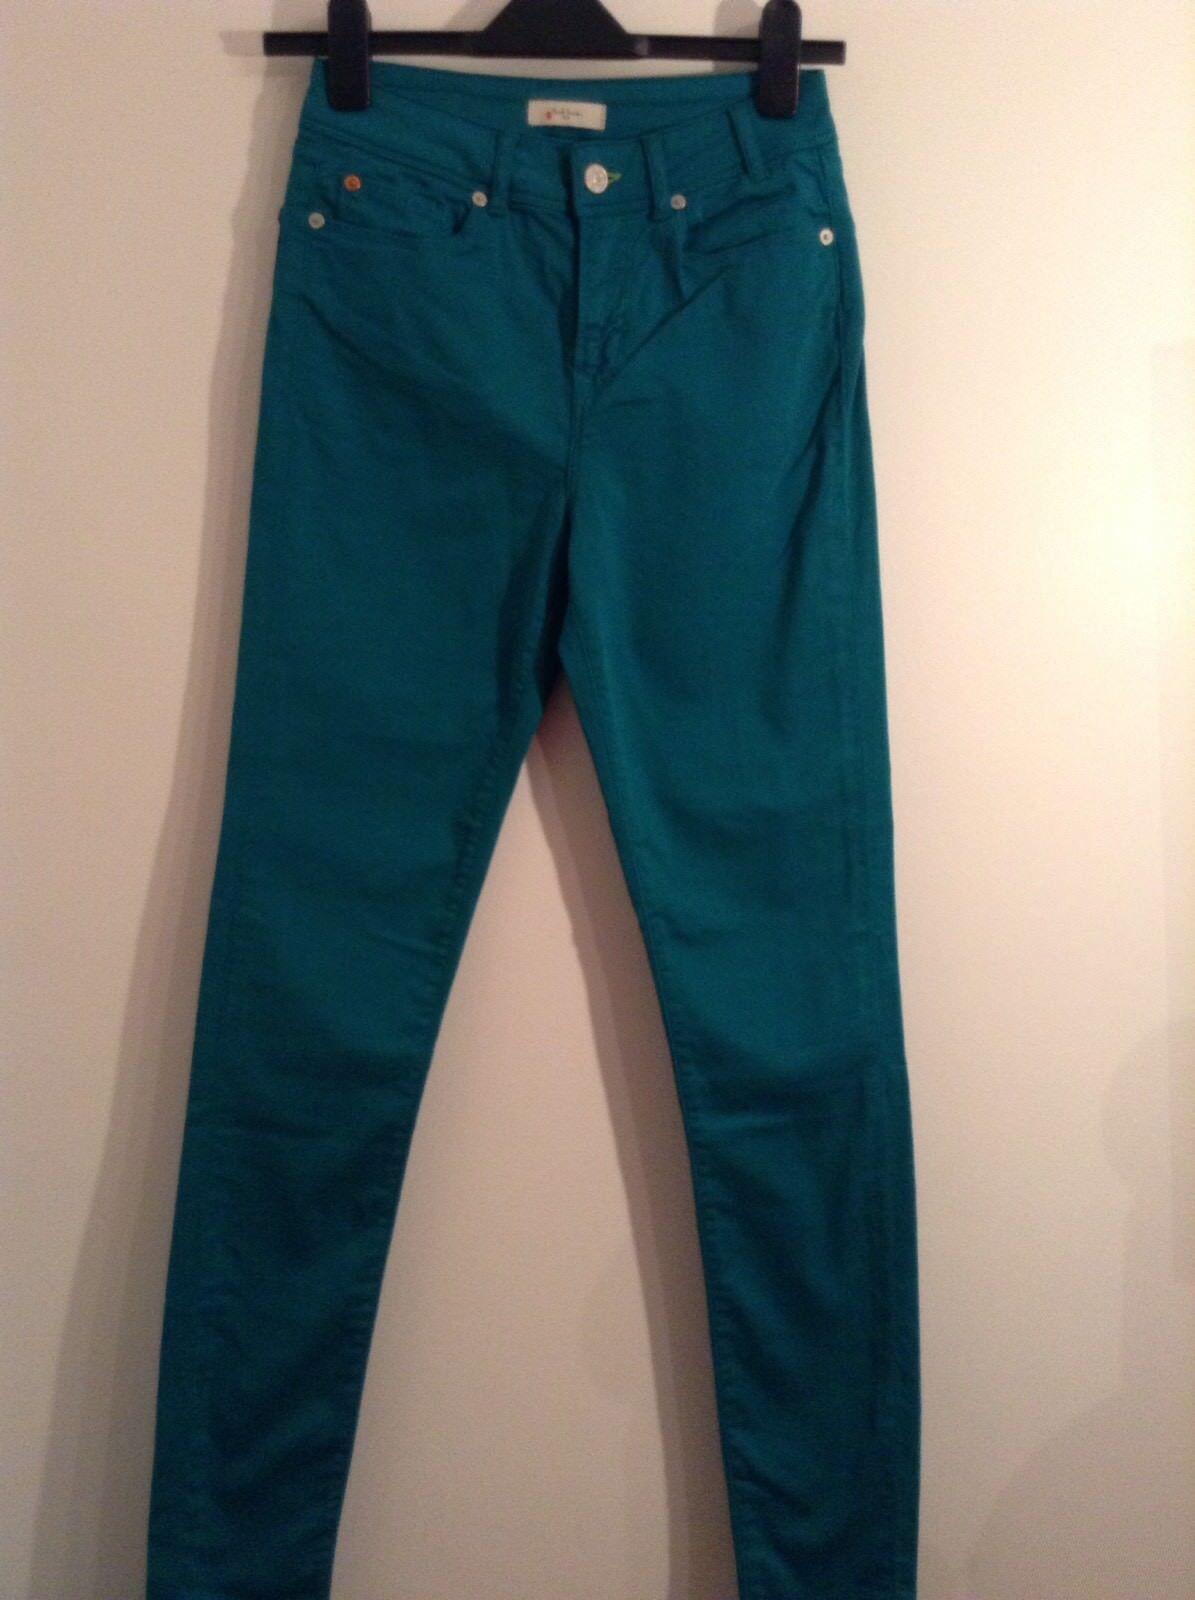 BNWT 100% Auth Paul Smith Slim Fit Skinny Grün Trousers. 26